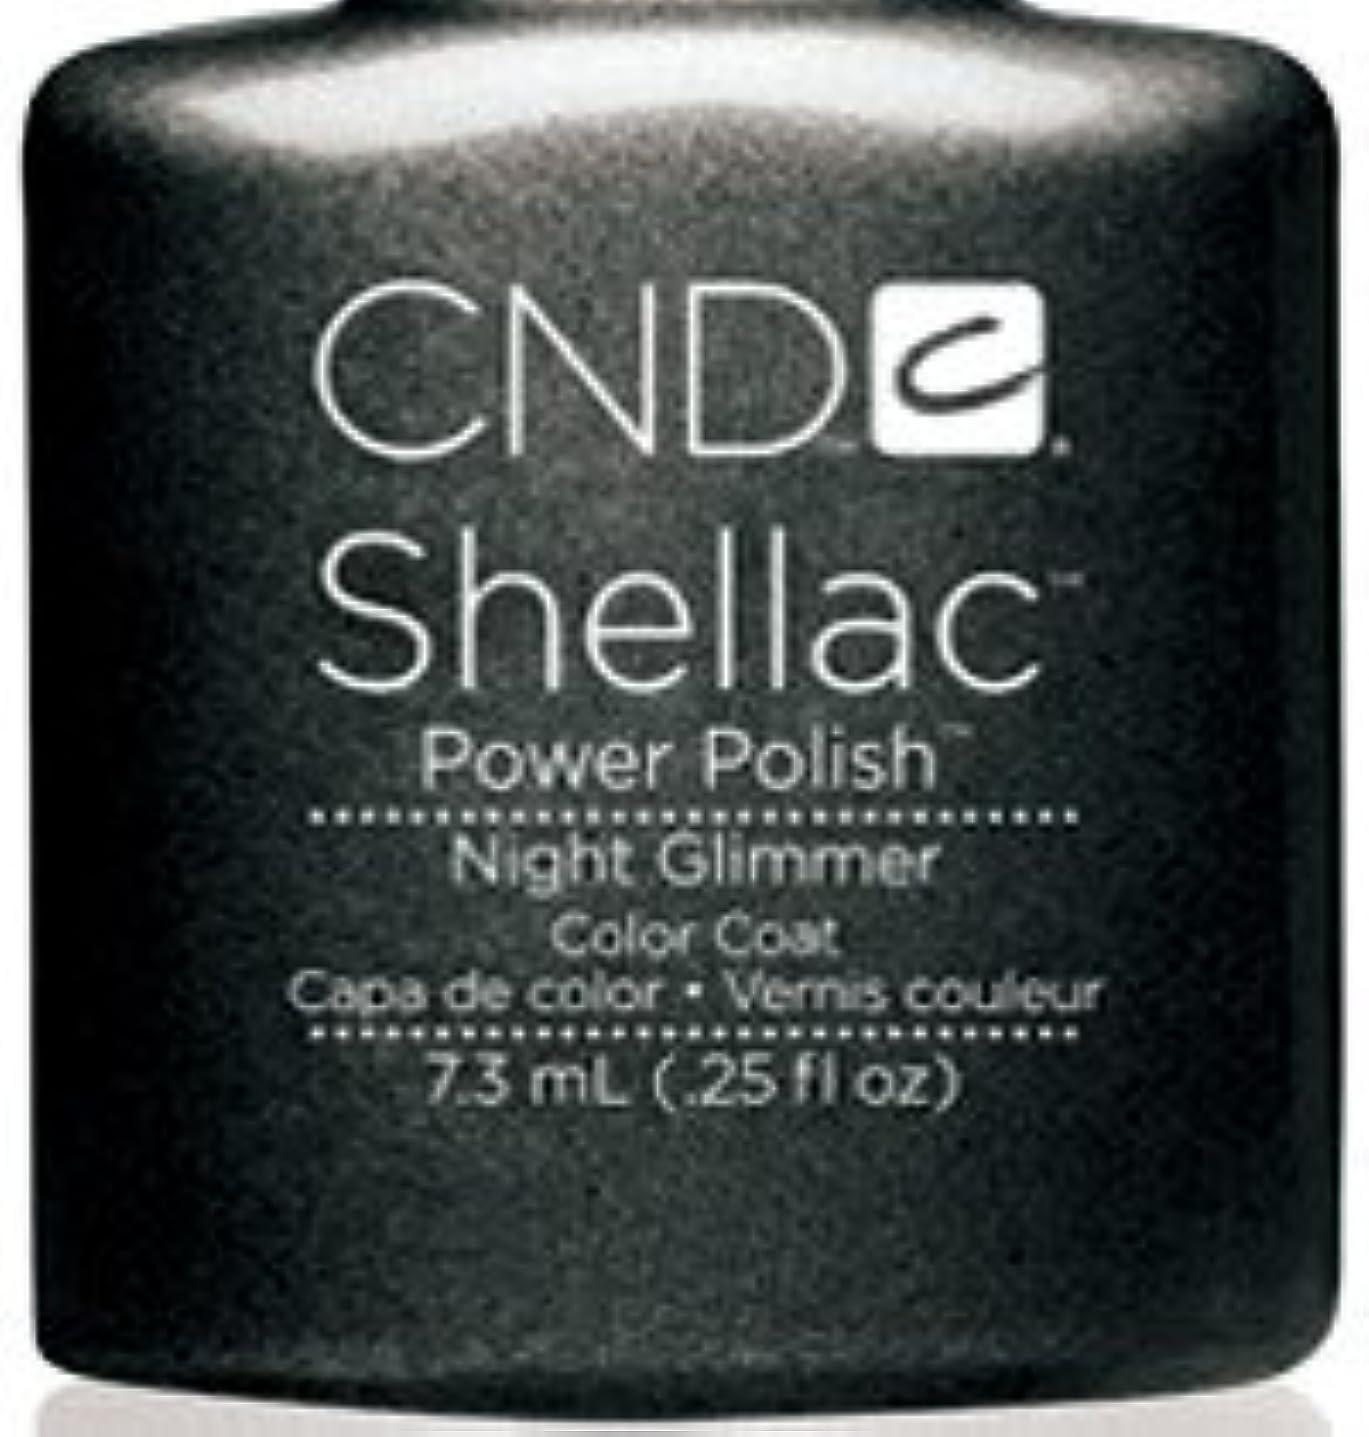 天の適応軽食CND シェラック UVカラーコート 7.3ml<BR>381 ナイトグリマー